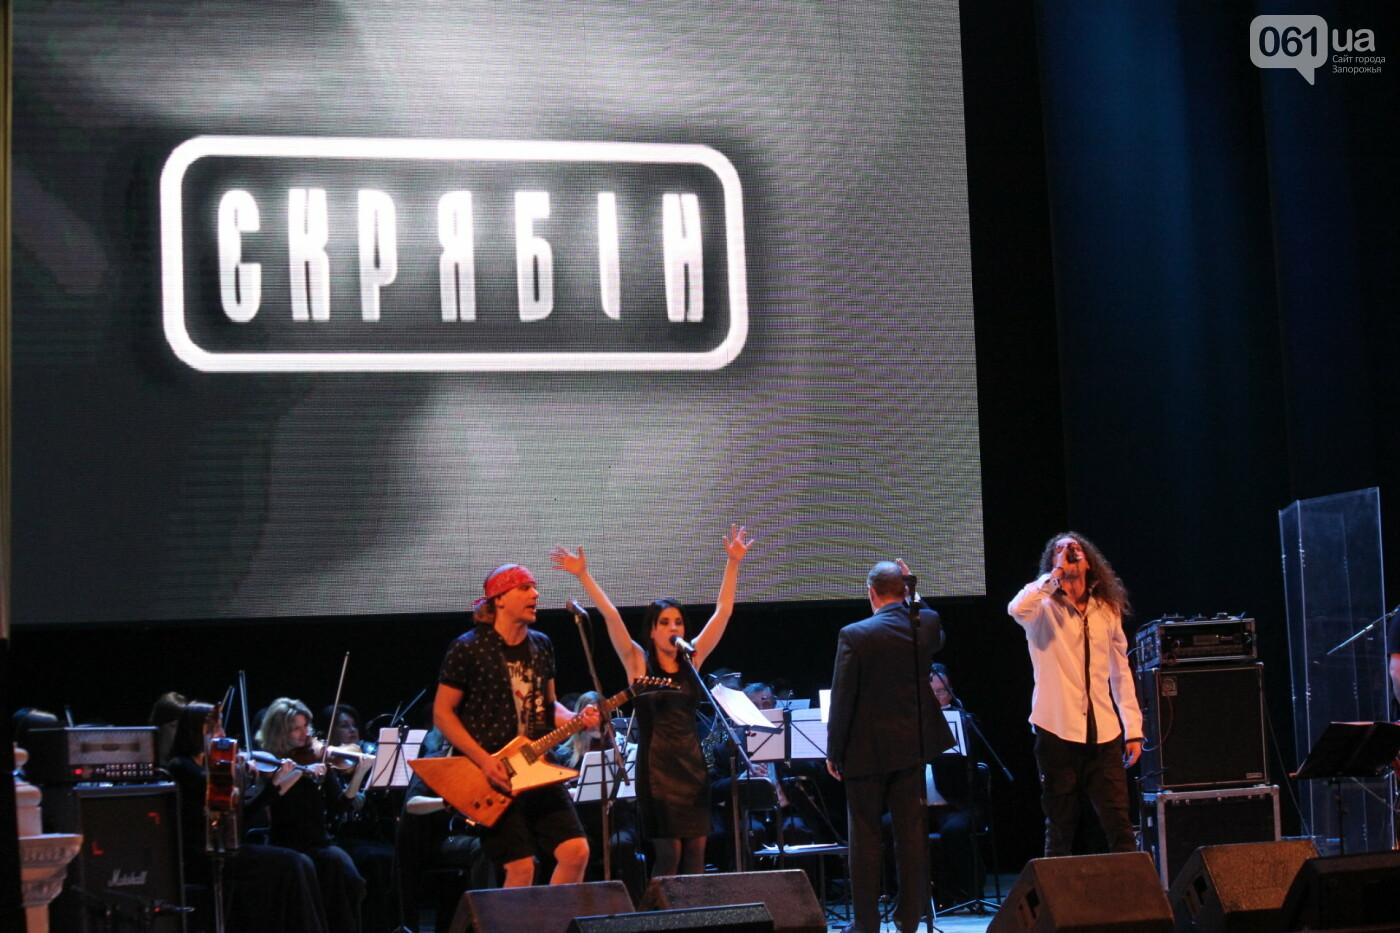 В Запорожье группа «Скрябин» сыграла лучшие хиты с симфоническим оркестром, – ФОТОРЕПОРТАЖ, фото-10